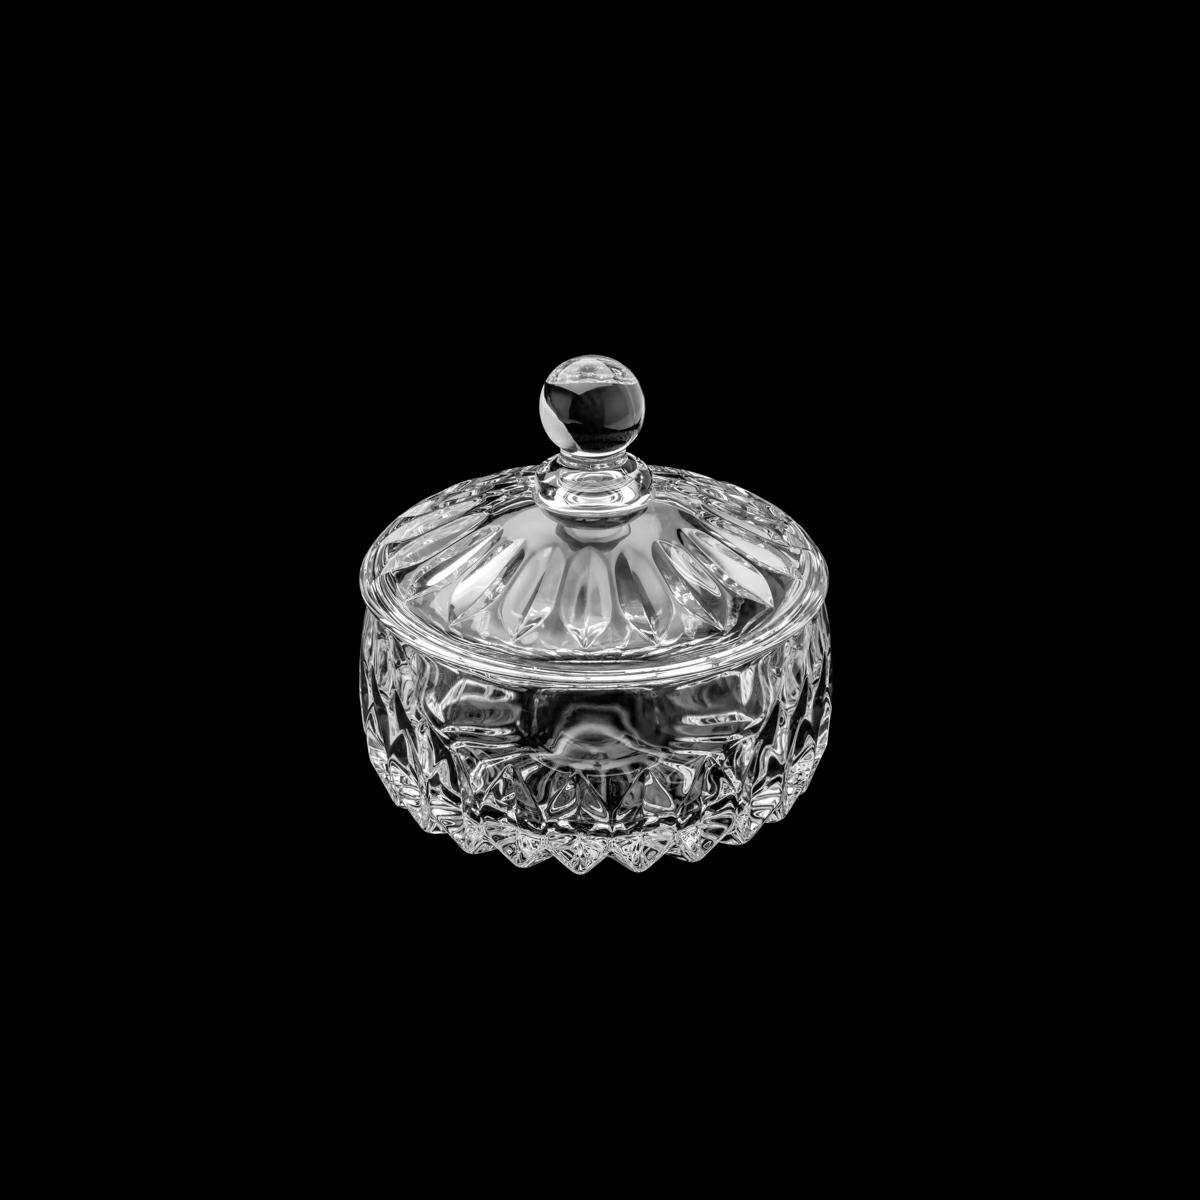 Bomboniere 14 cm de cristal transparente com tampa Louise Wolff - 35199